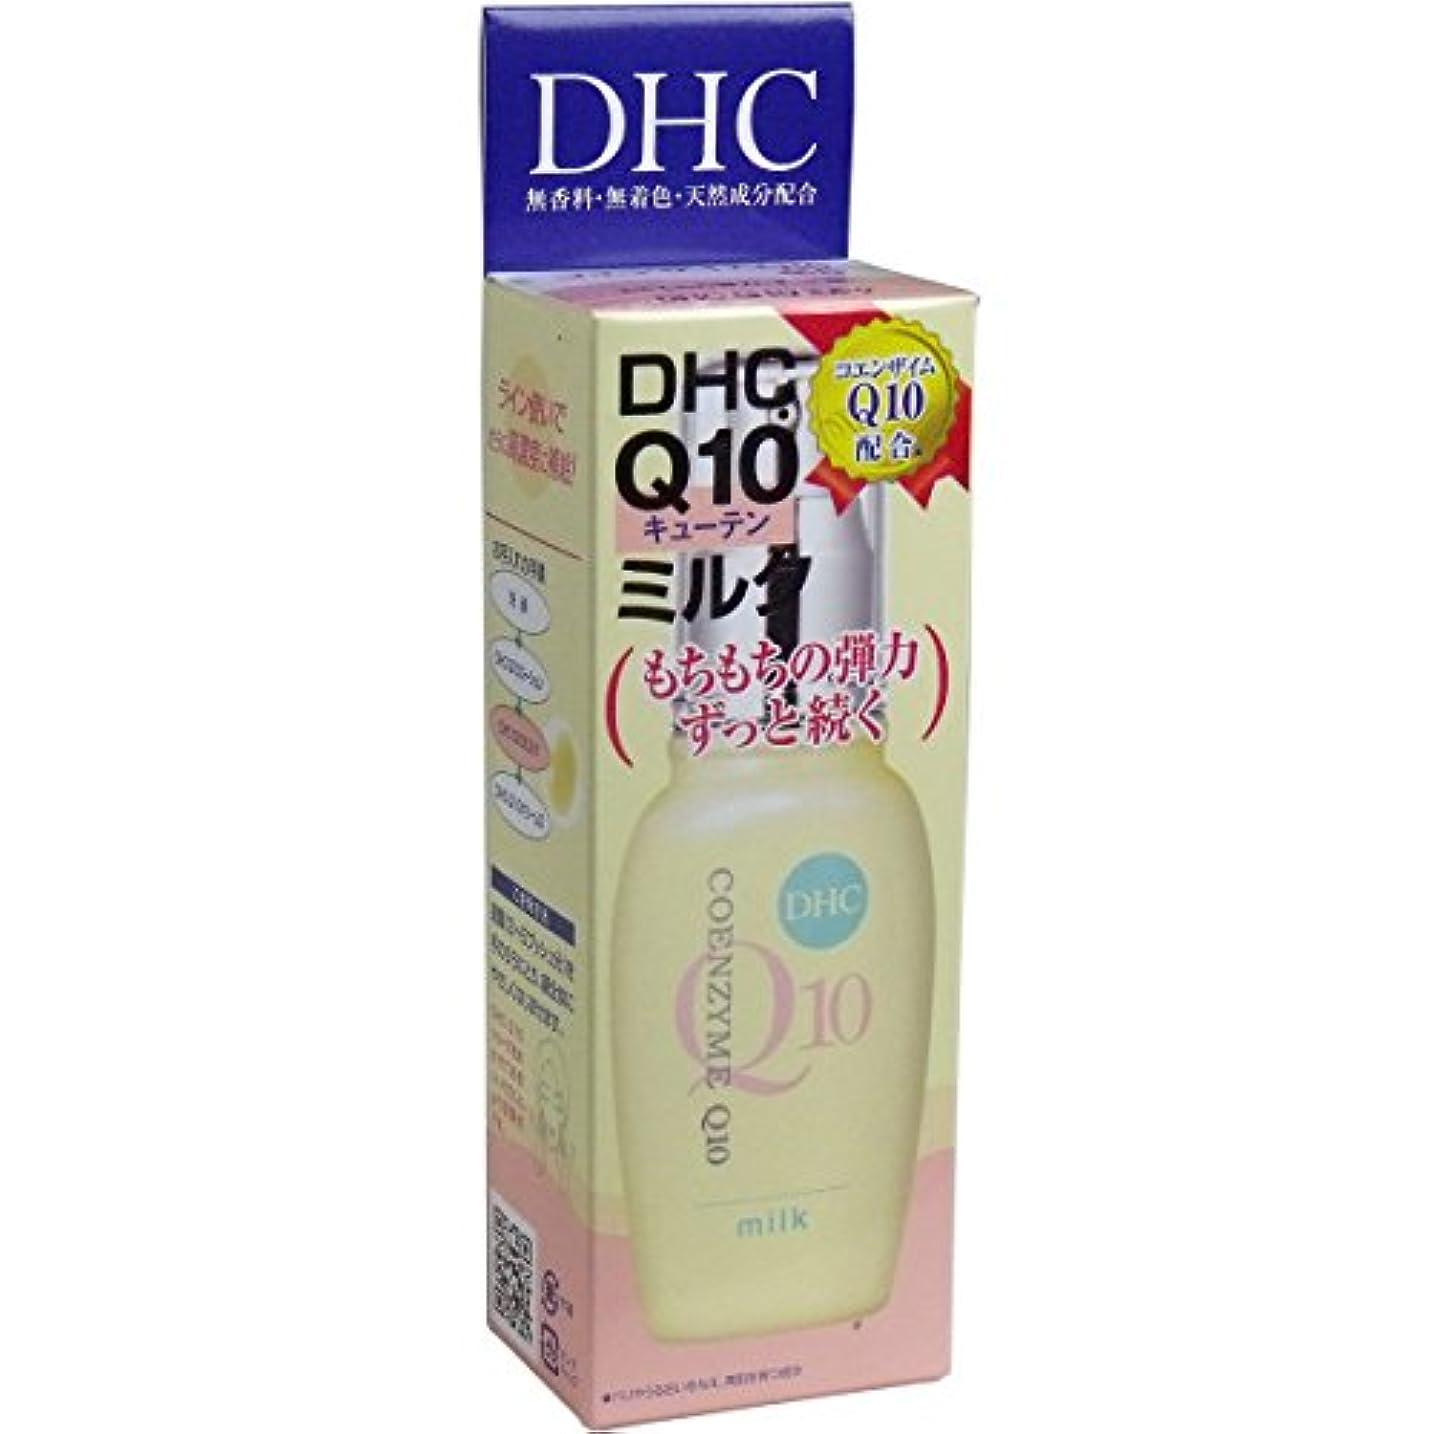 策定する優雅な手紙を書く【DHC】DHC Q10ミルク(SS) 40ml ×5個セット